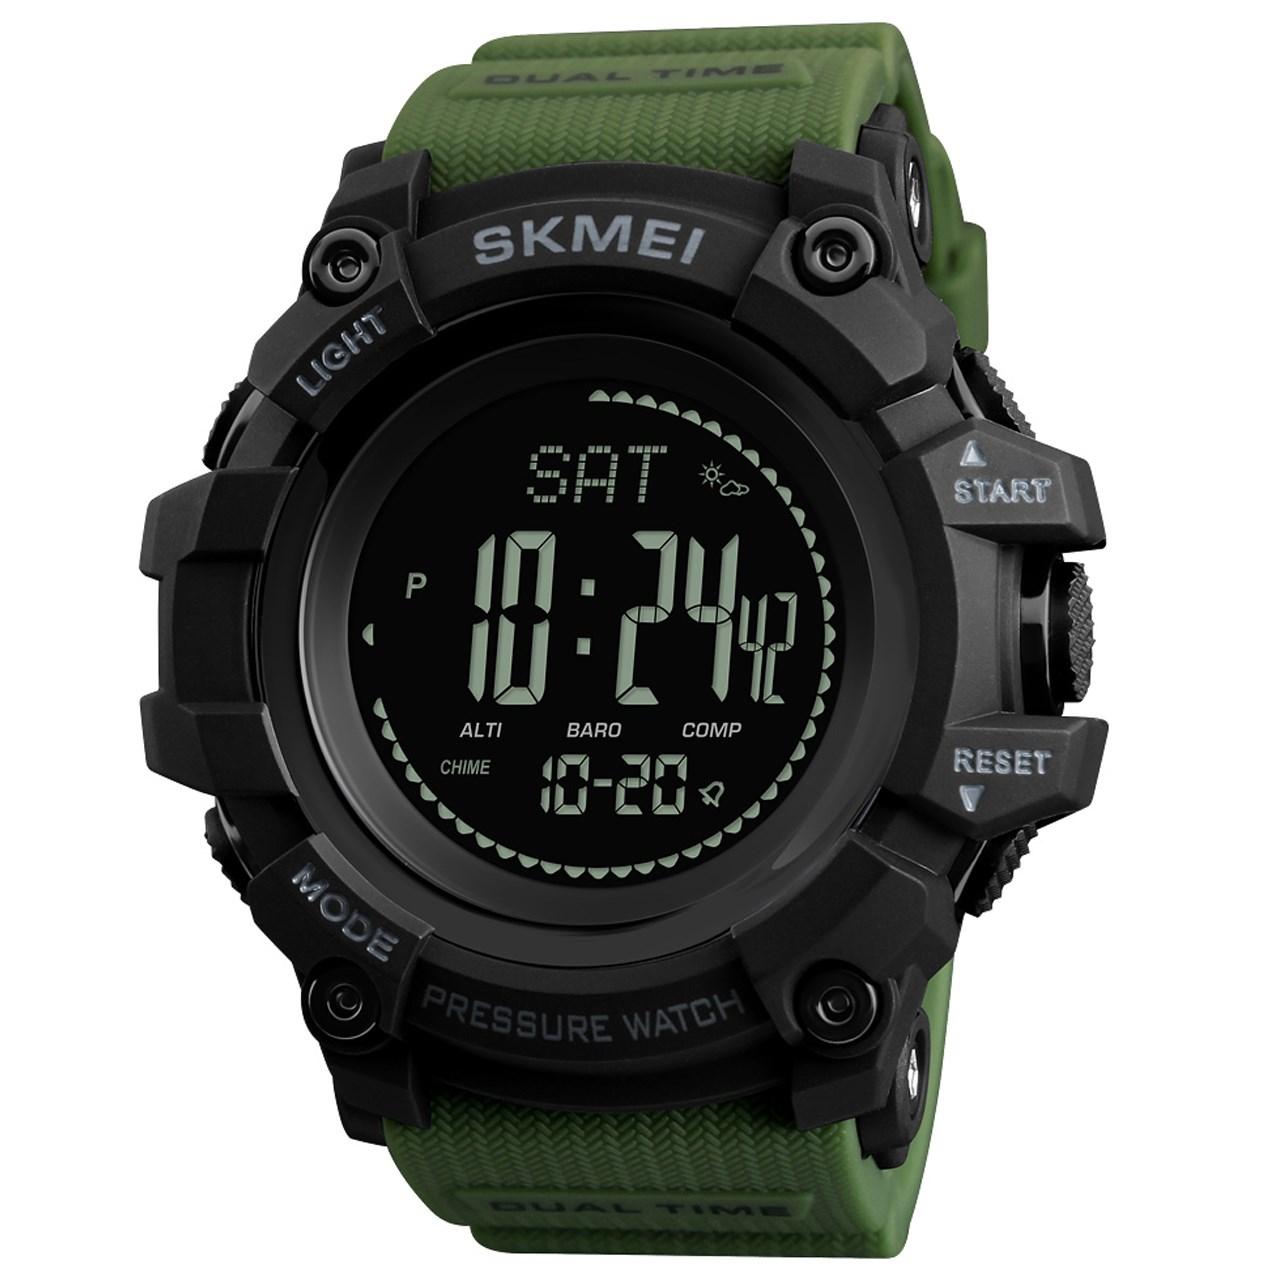 ساعت مچی دیجیتالی مردانه اسکمی مدل 1358 کد 02